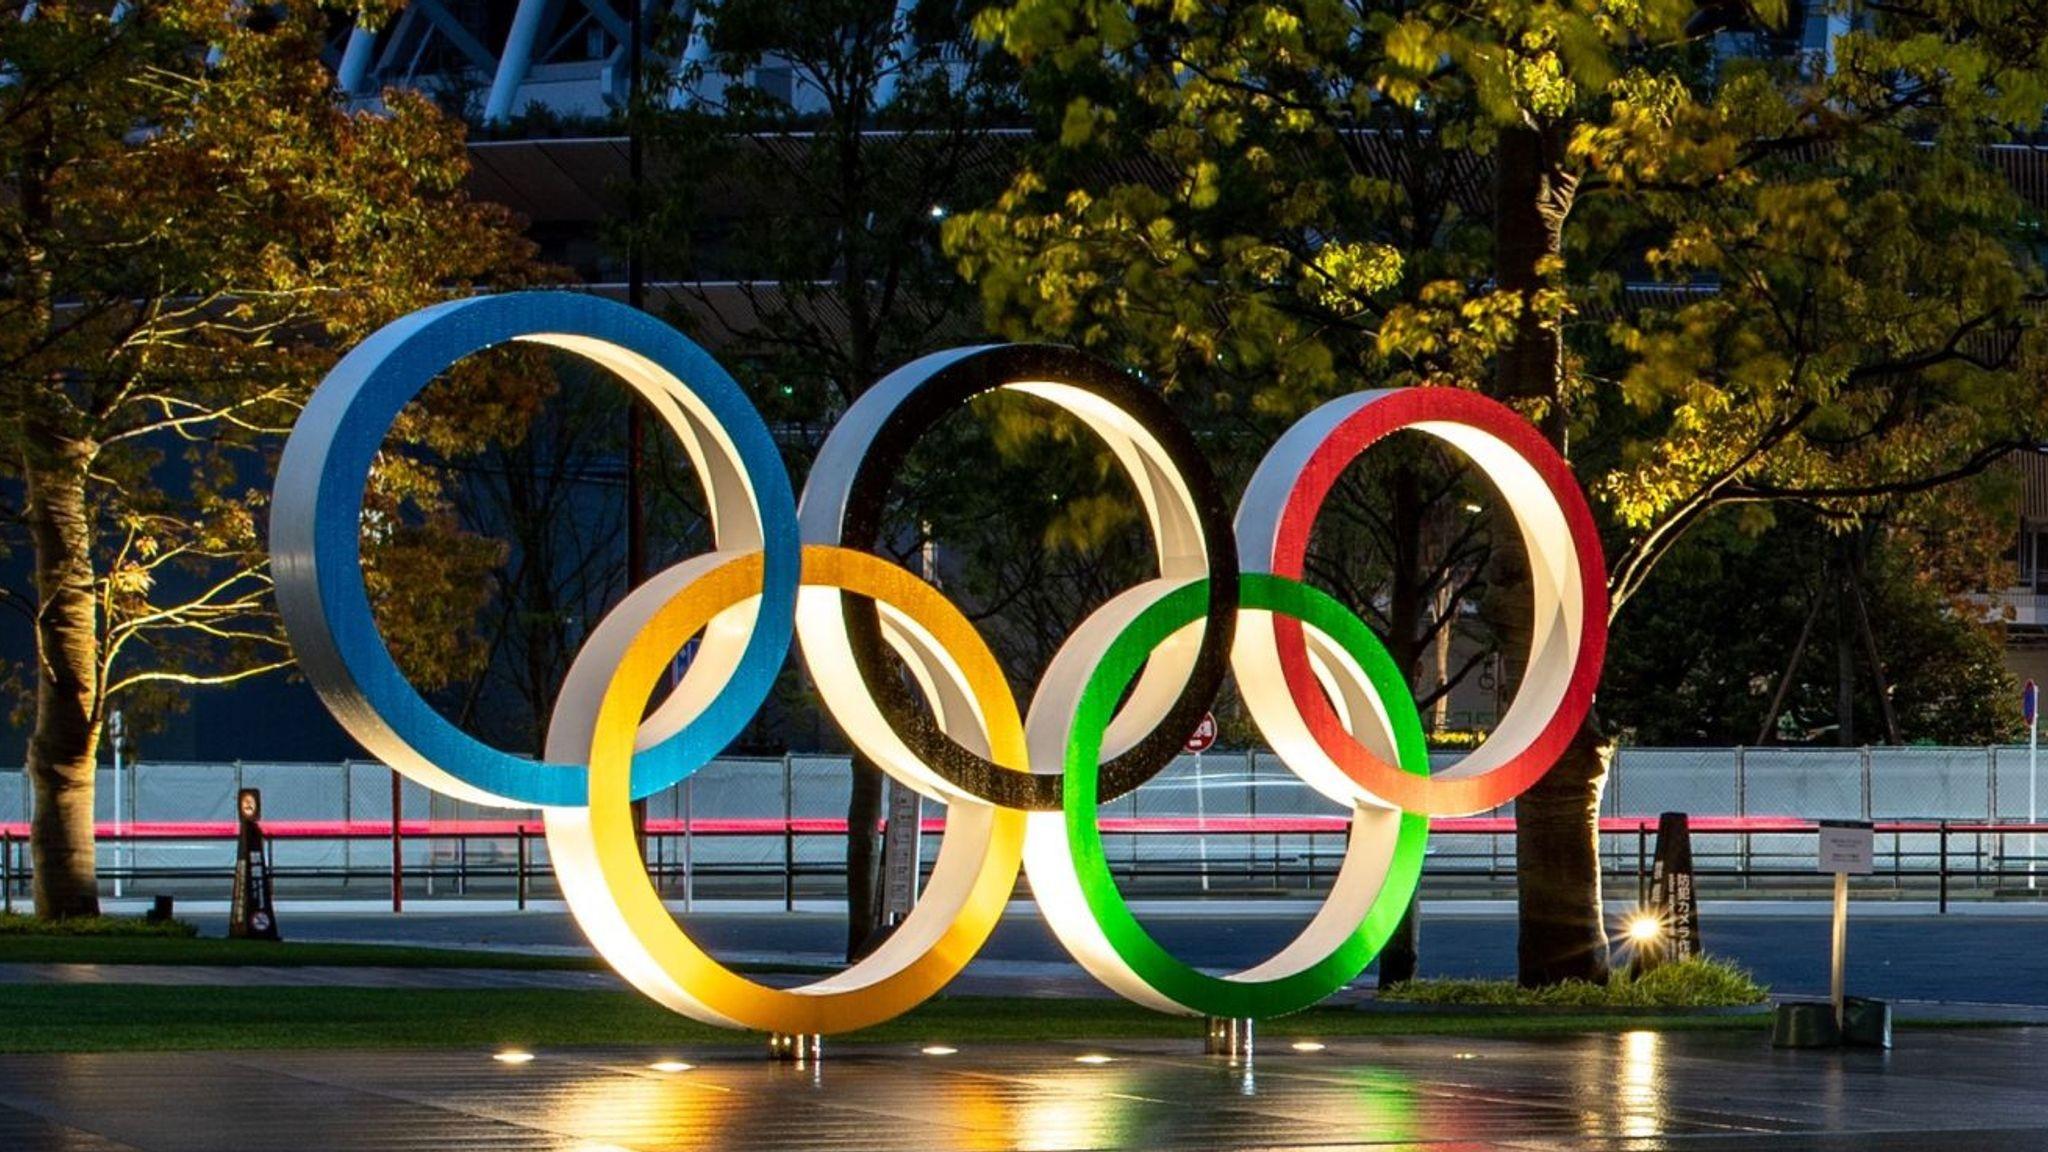 नेमबाज भारताचा ऑलिम्पिक इतिहास बदलतील का?